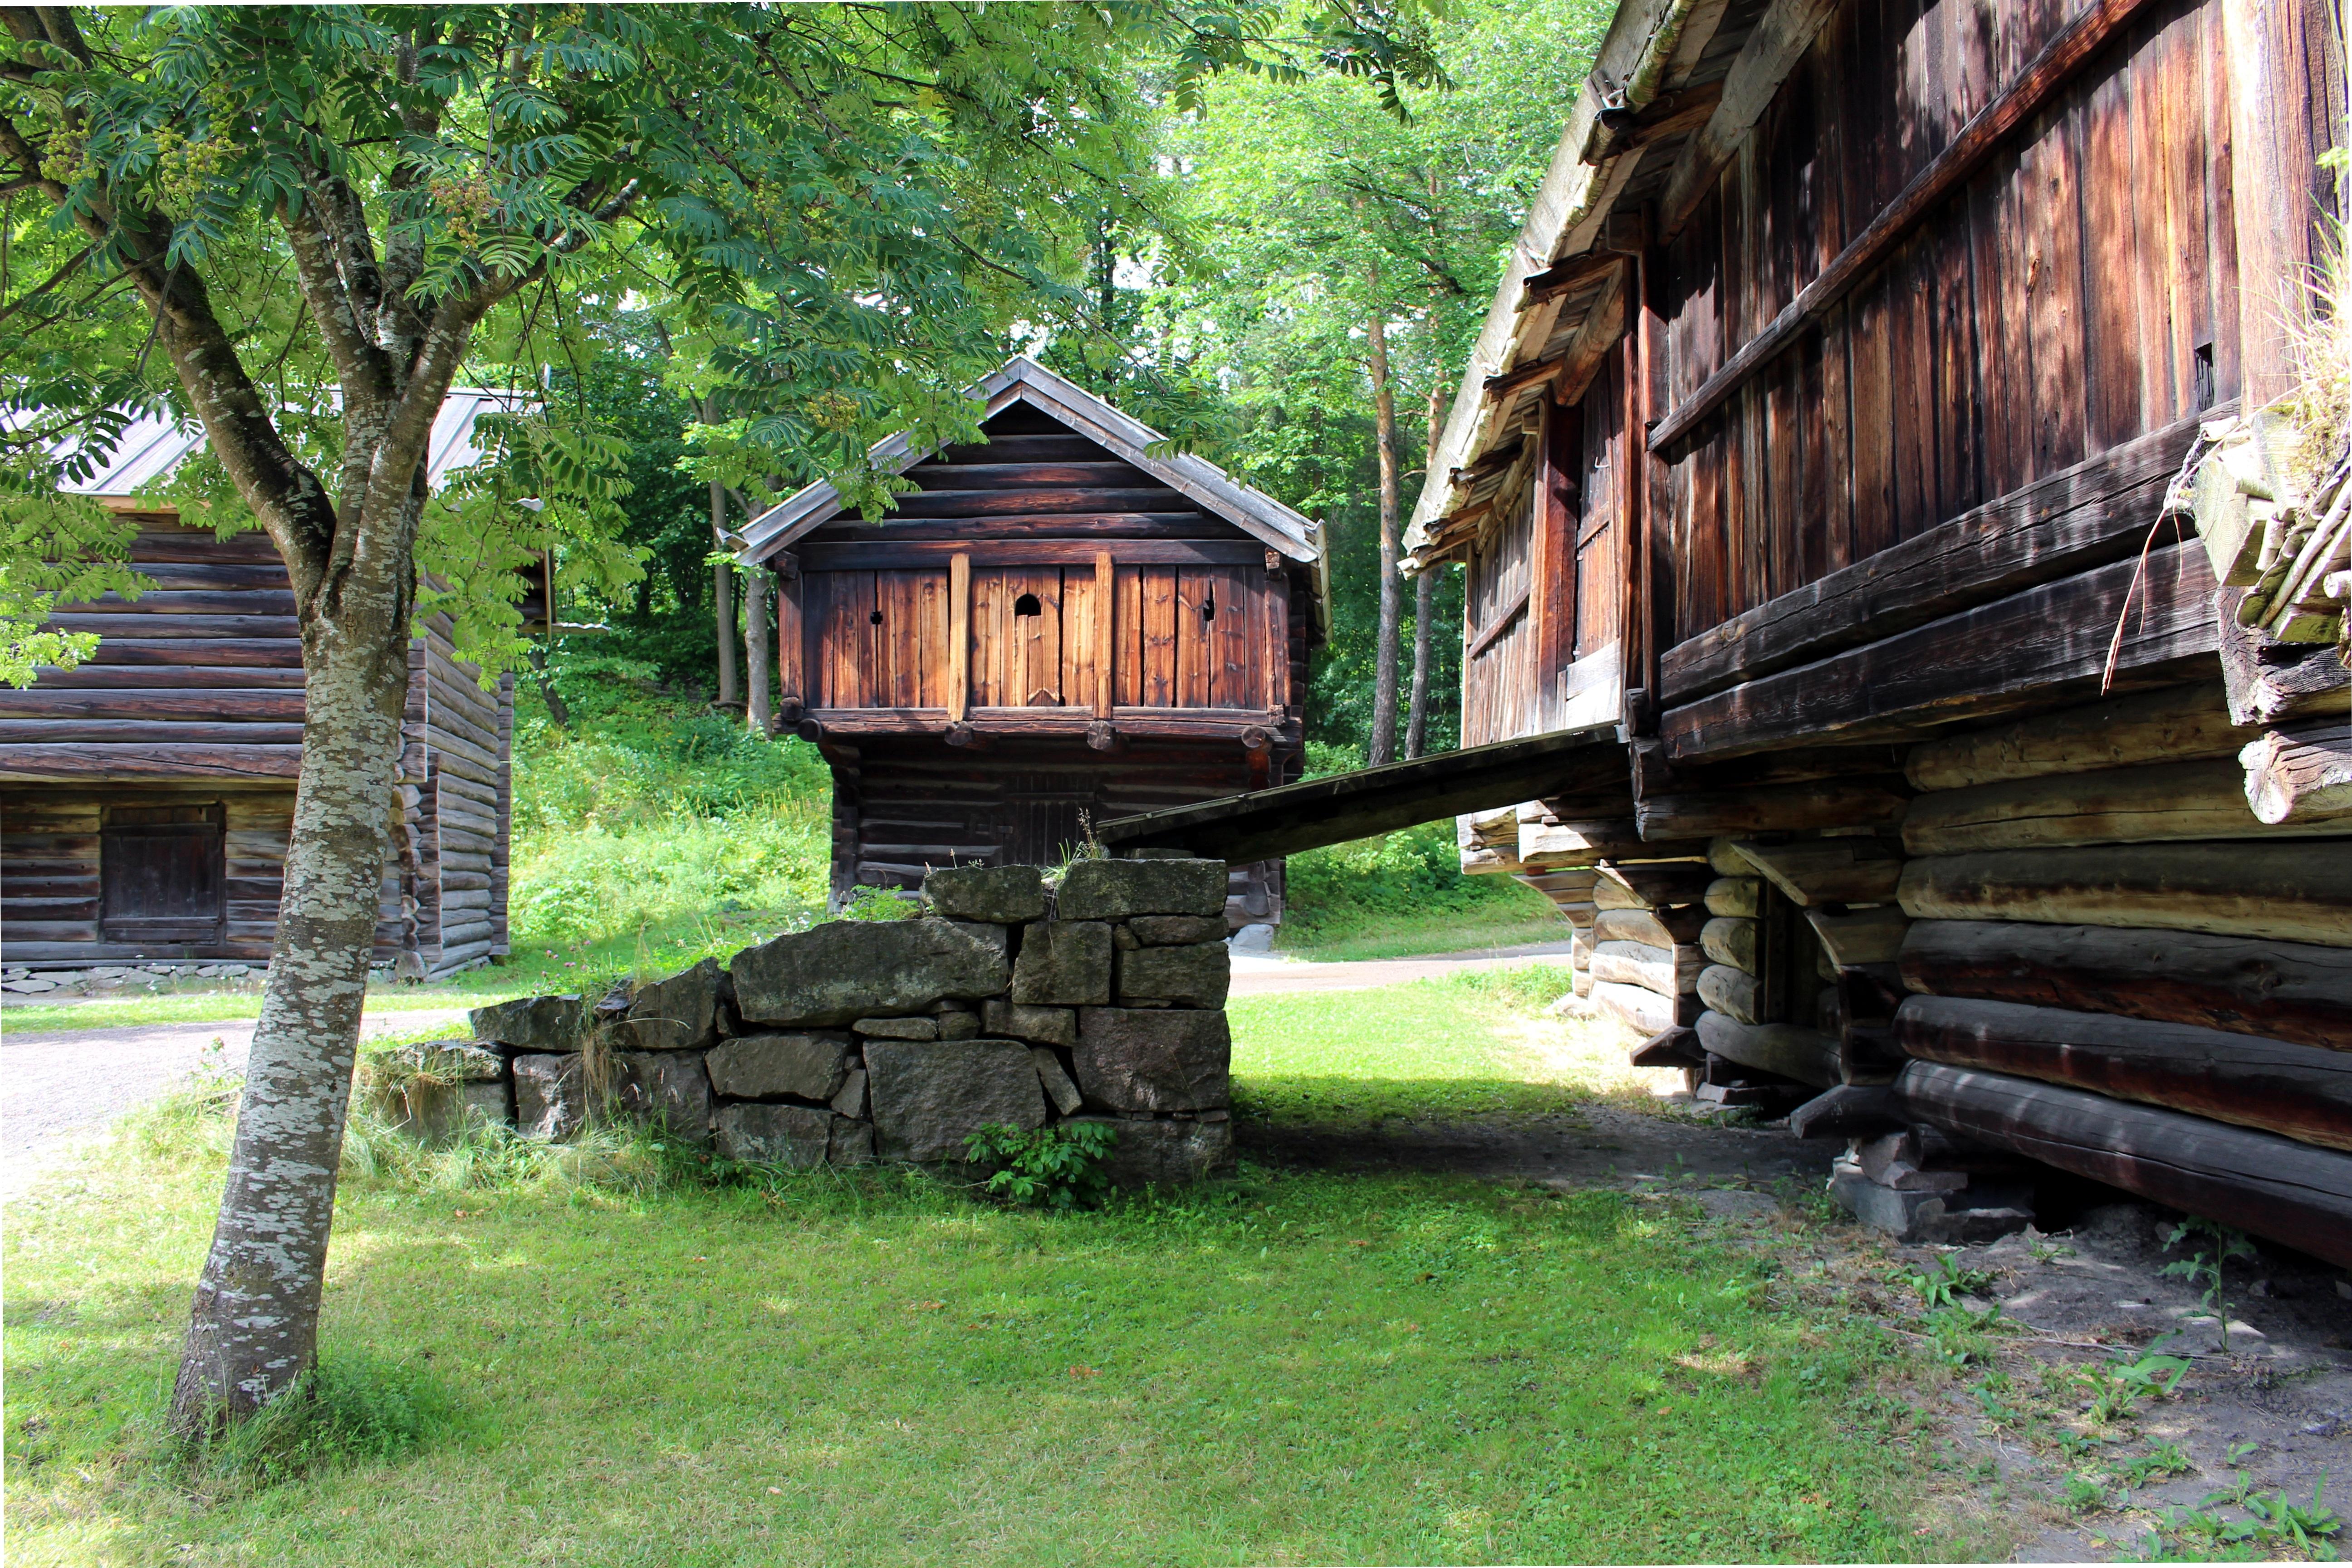 oslo's folk museum